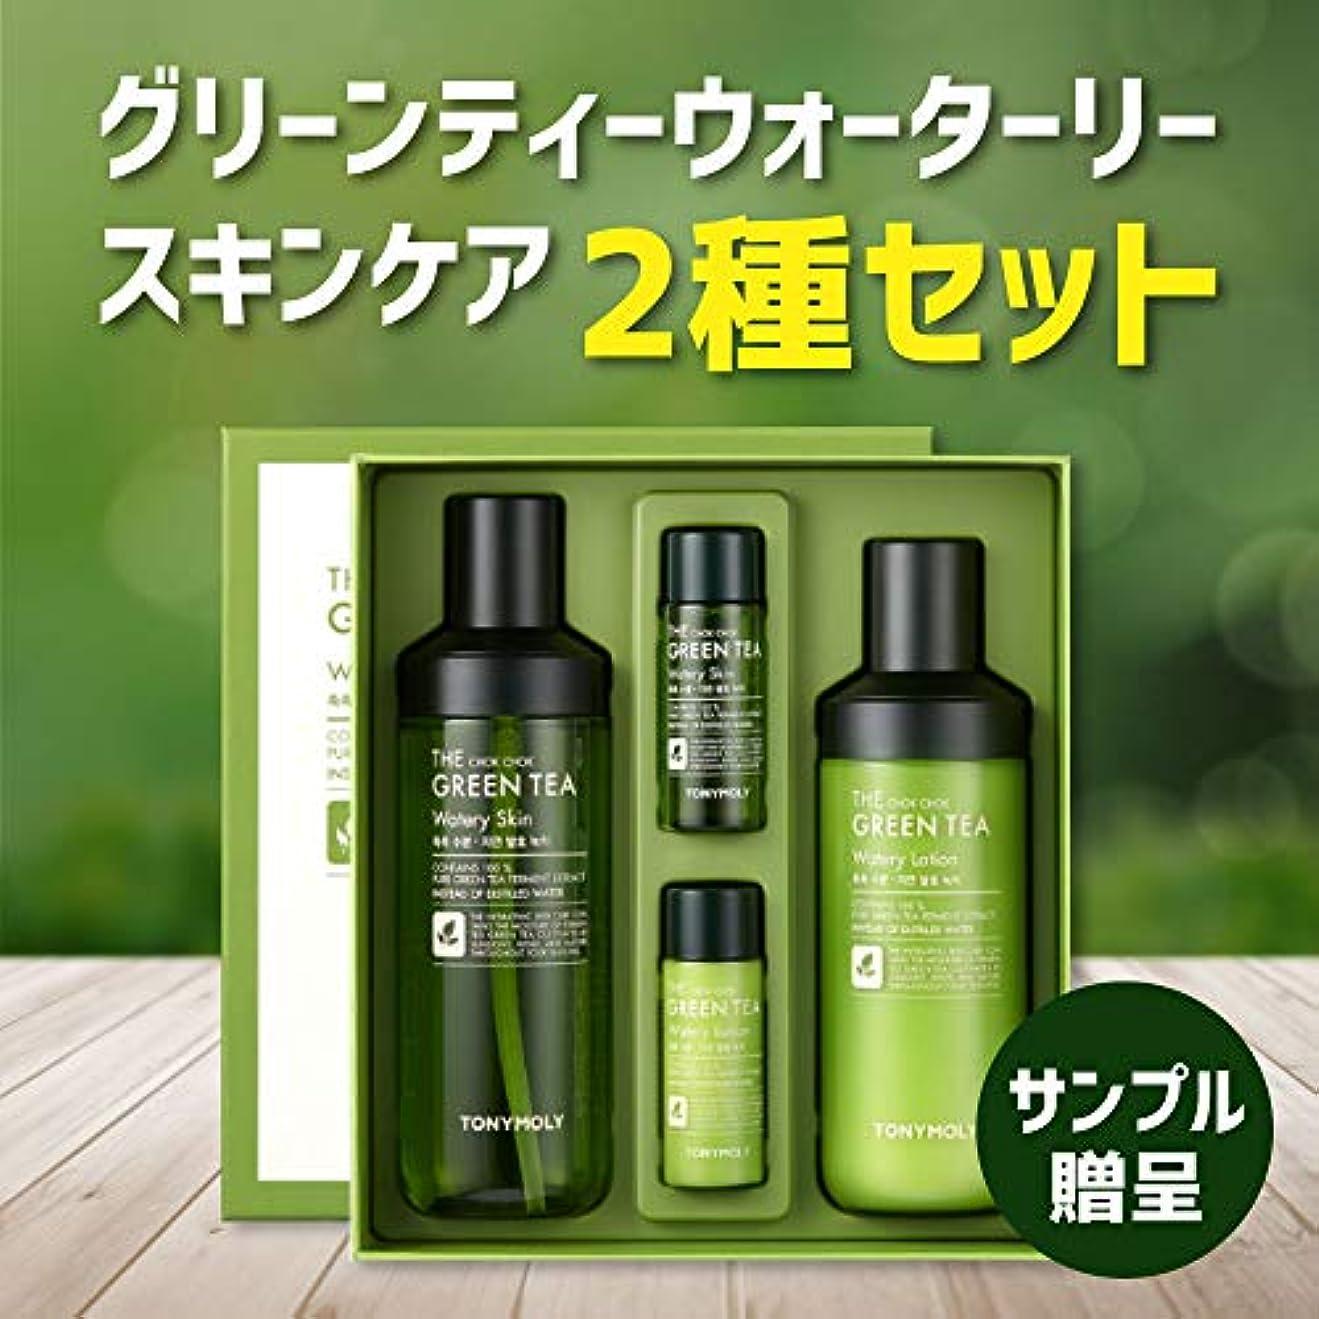 感度地上で誘導TONYMOLY しっとり グリーン ティー 水分 化粧水 乳液 セット 抹茶 The Chok Chok Green Tea Watery Skin